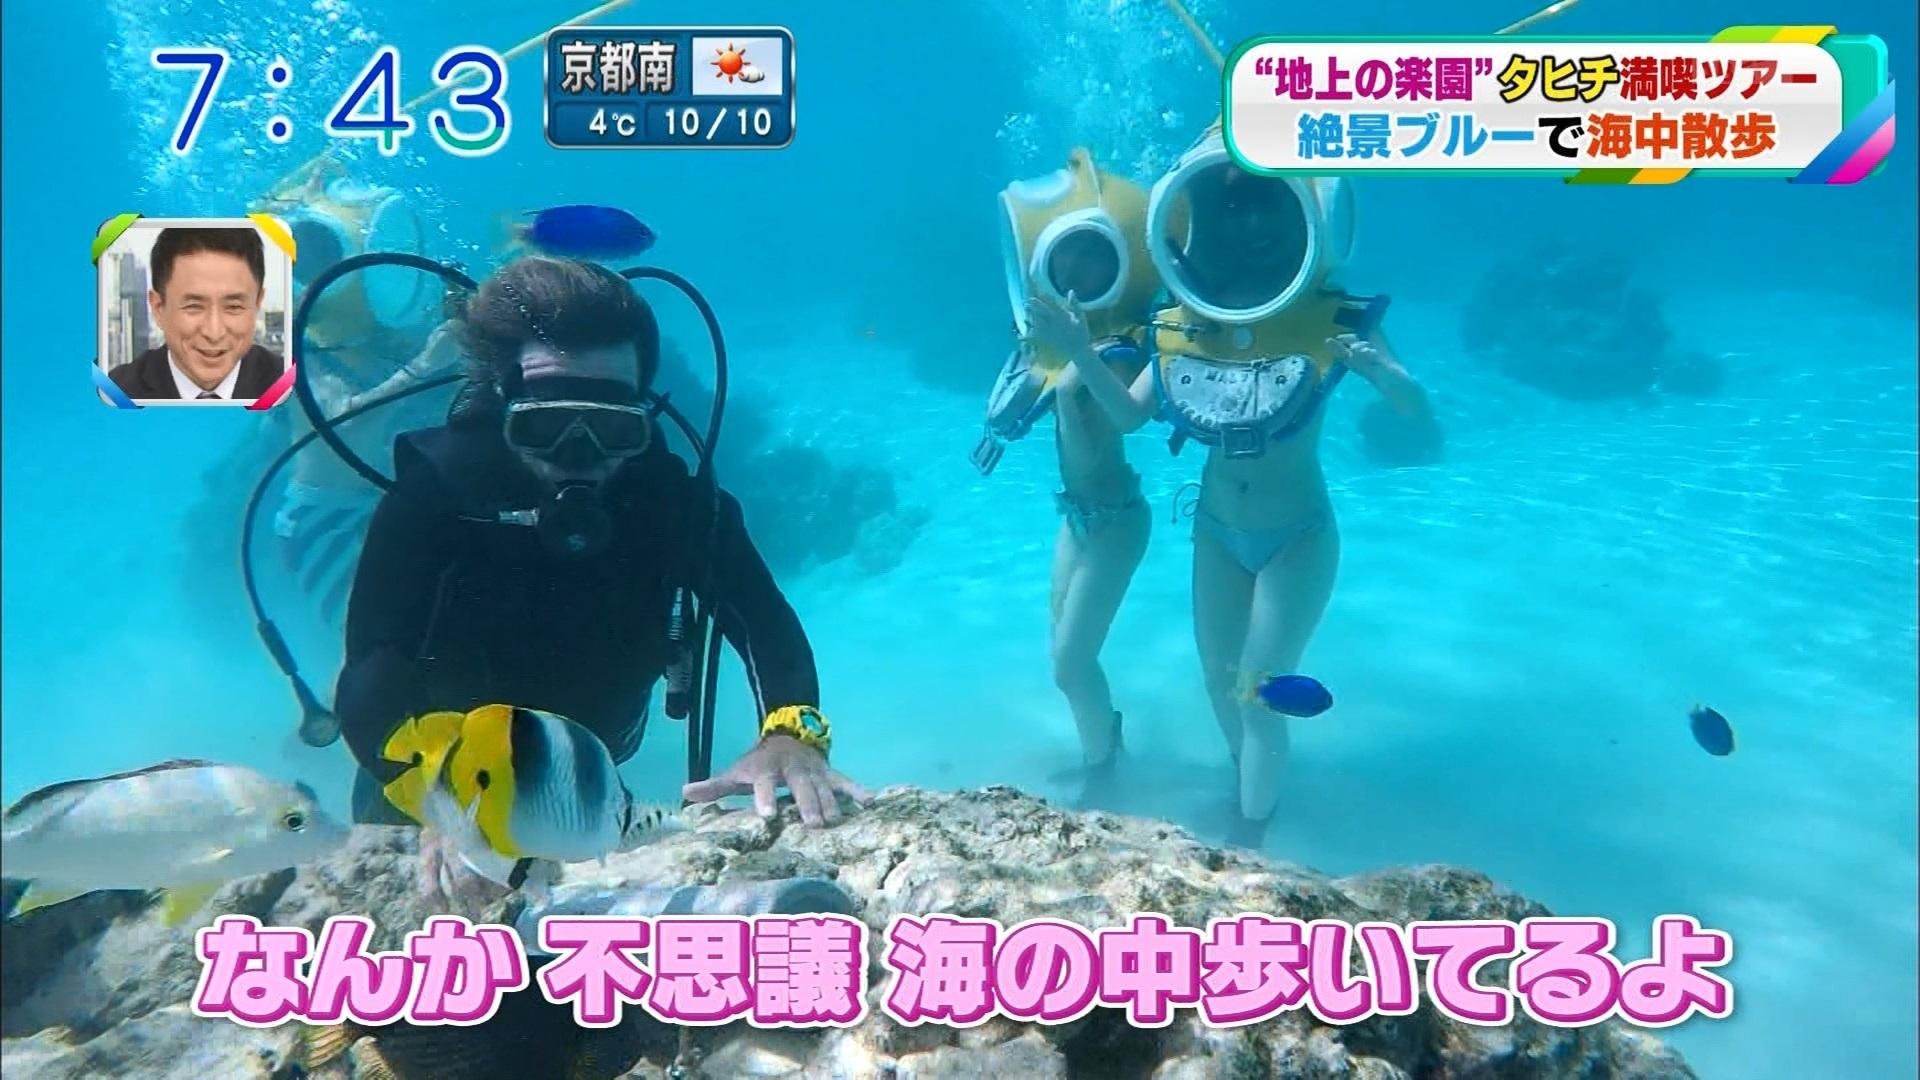 おはよう朝日です・田中良子さんの水着姿-18